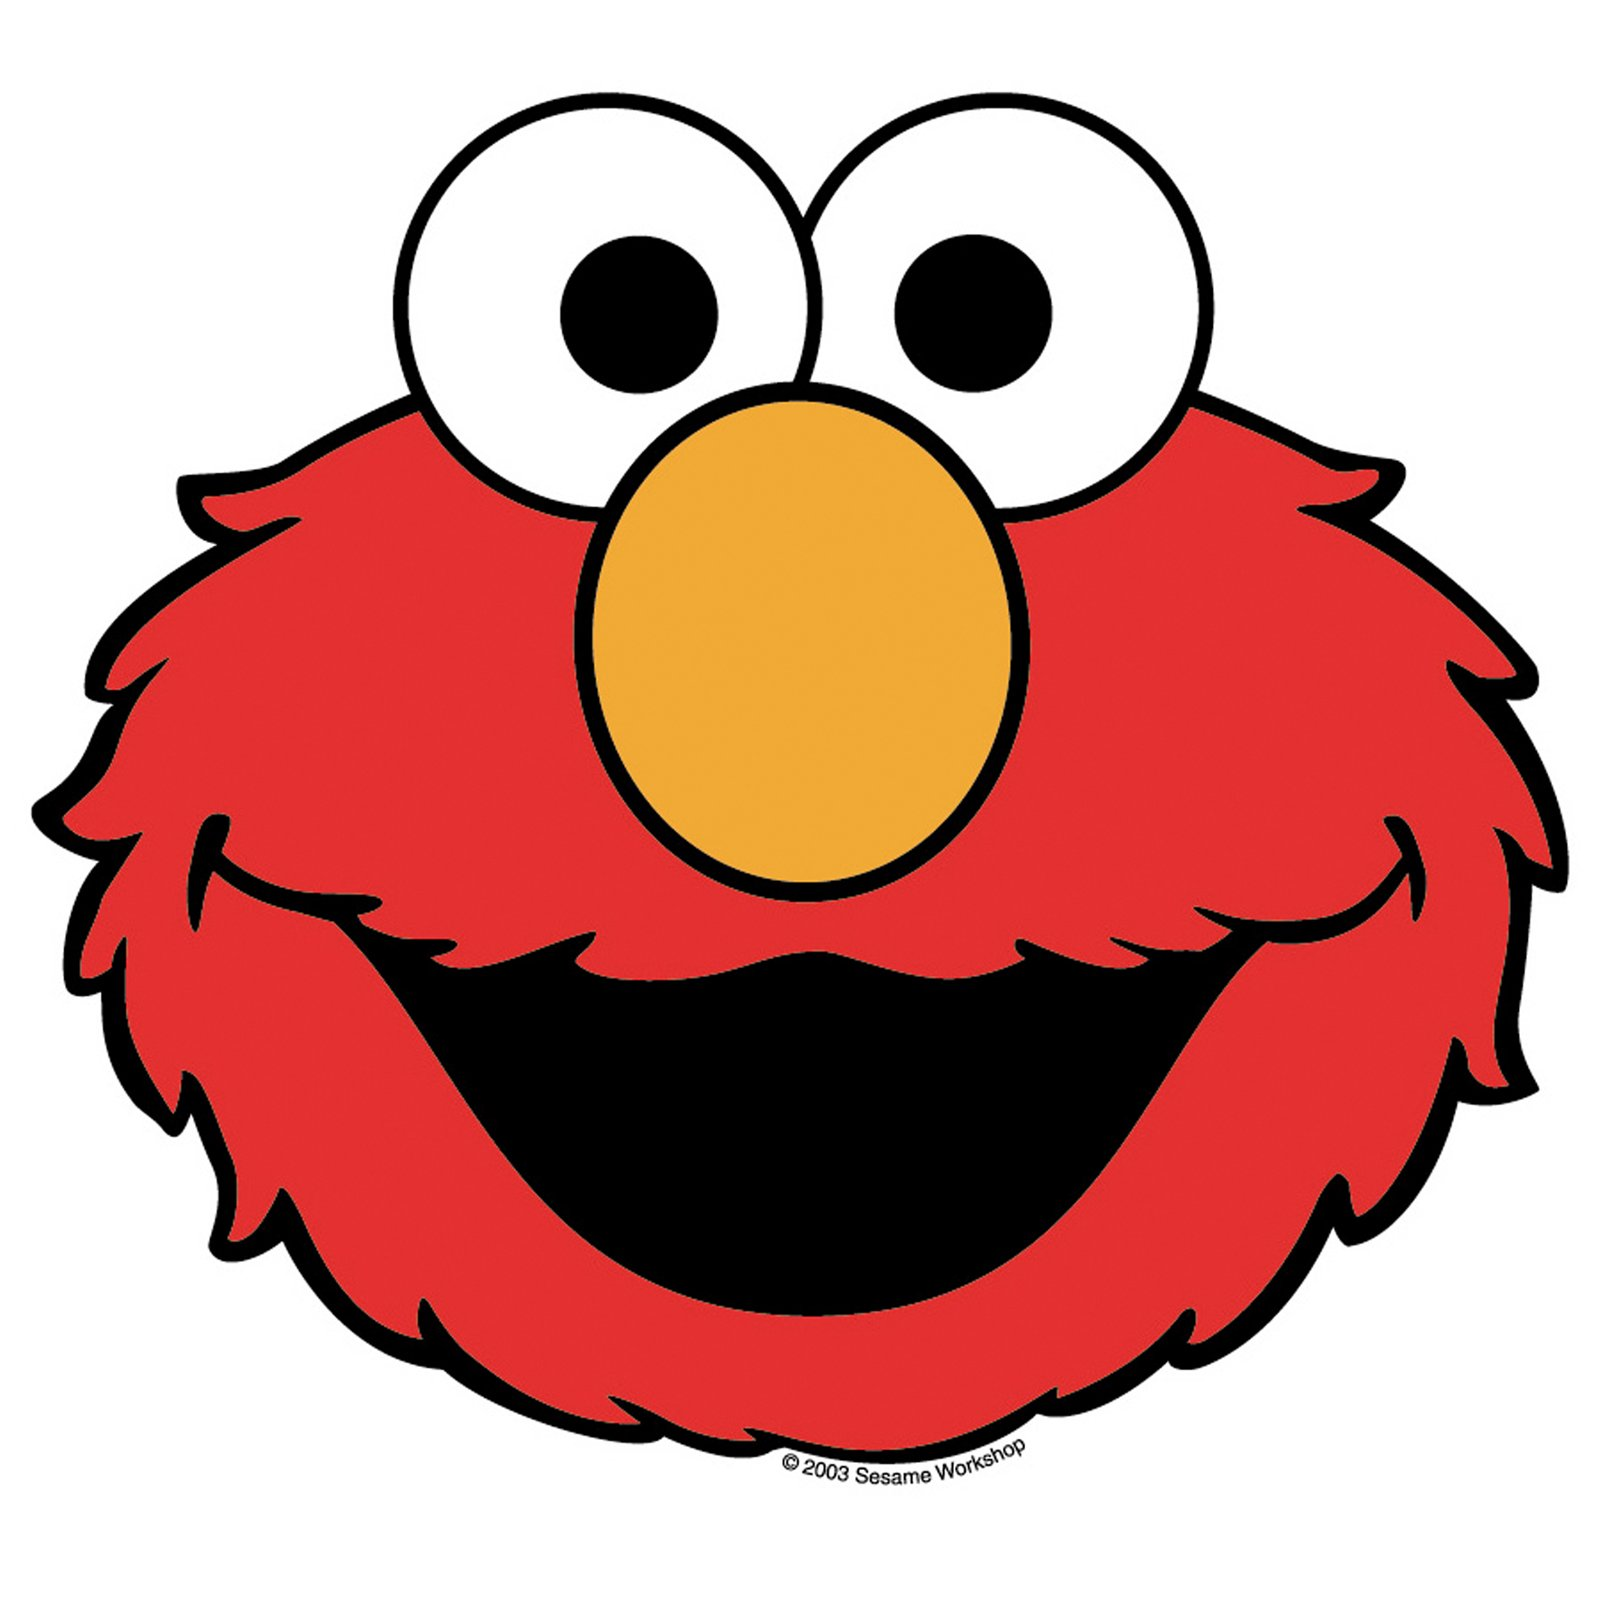 http://3.bp.blogspot.com/-PUhT1M2zRwQ/T0XgdMgLxHI/AAAAAAAAAMg/jZtqOCd9rZo/s1600/elmo-face.jpg